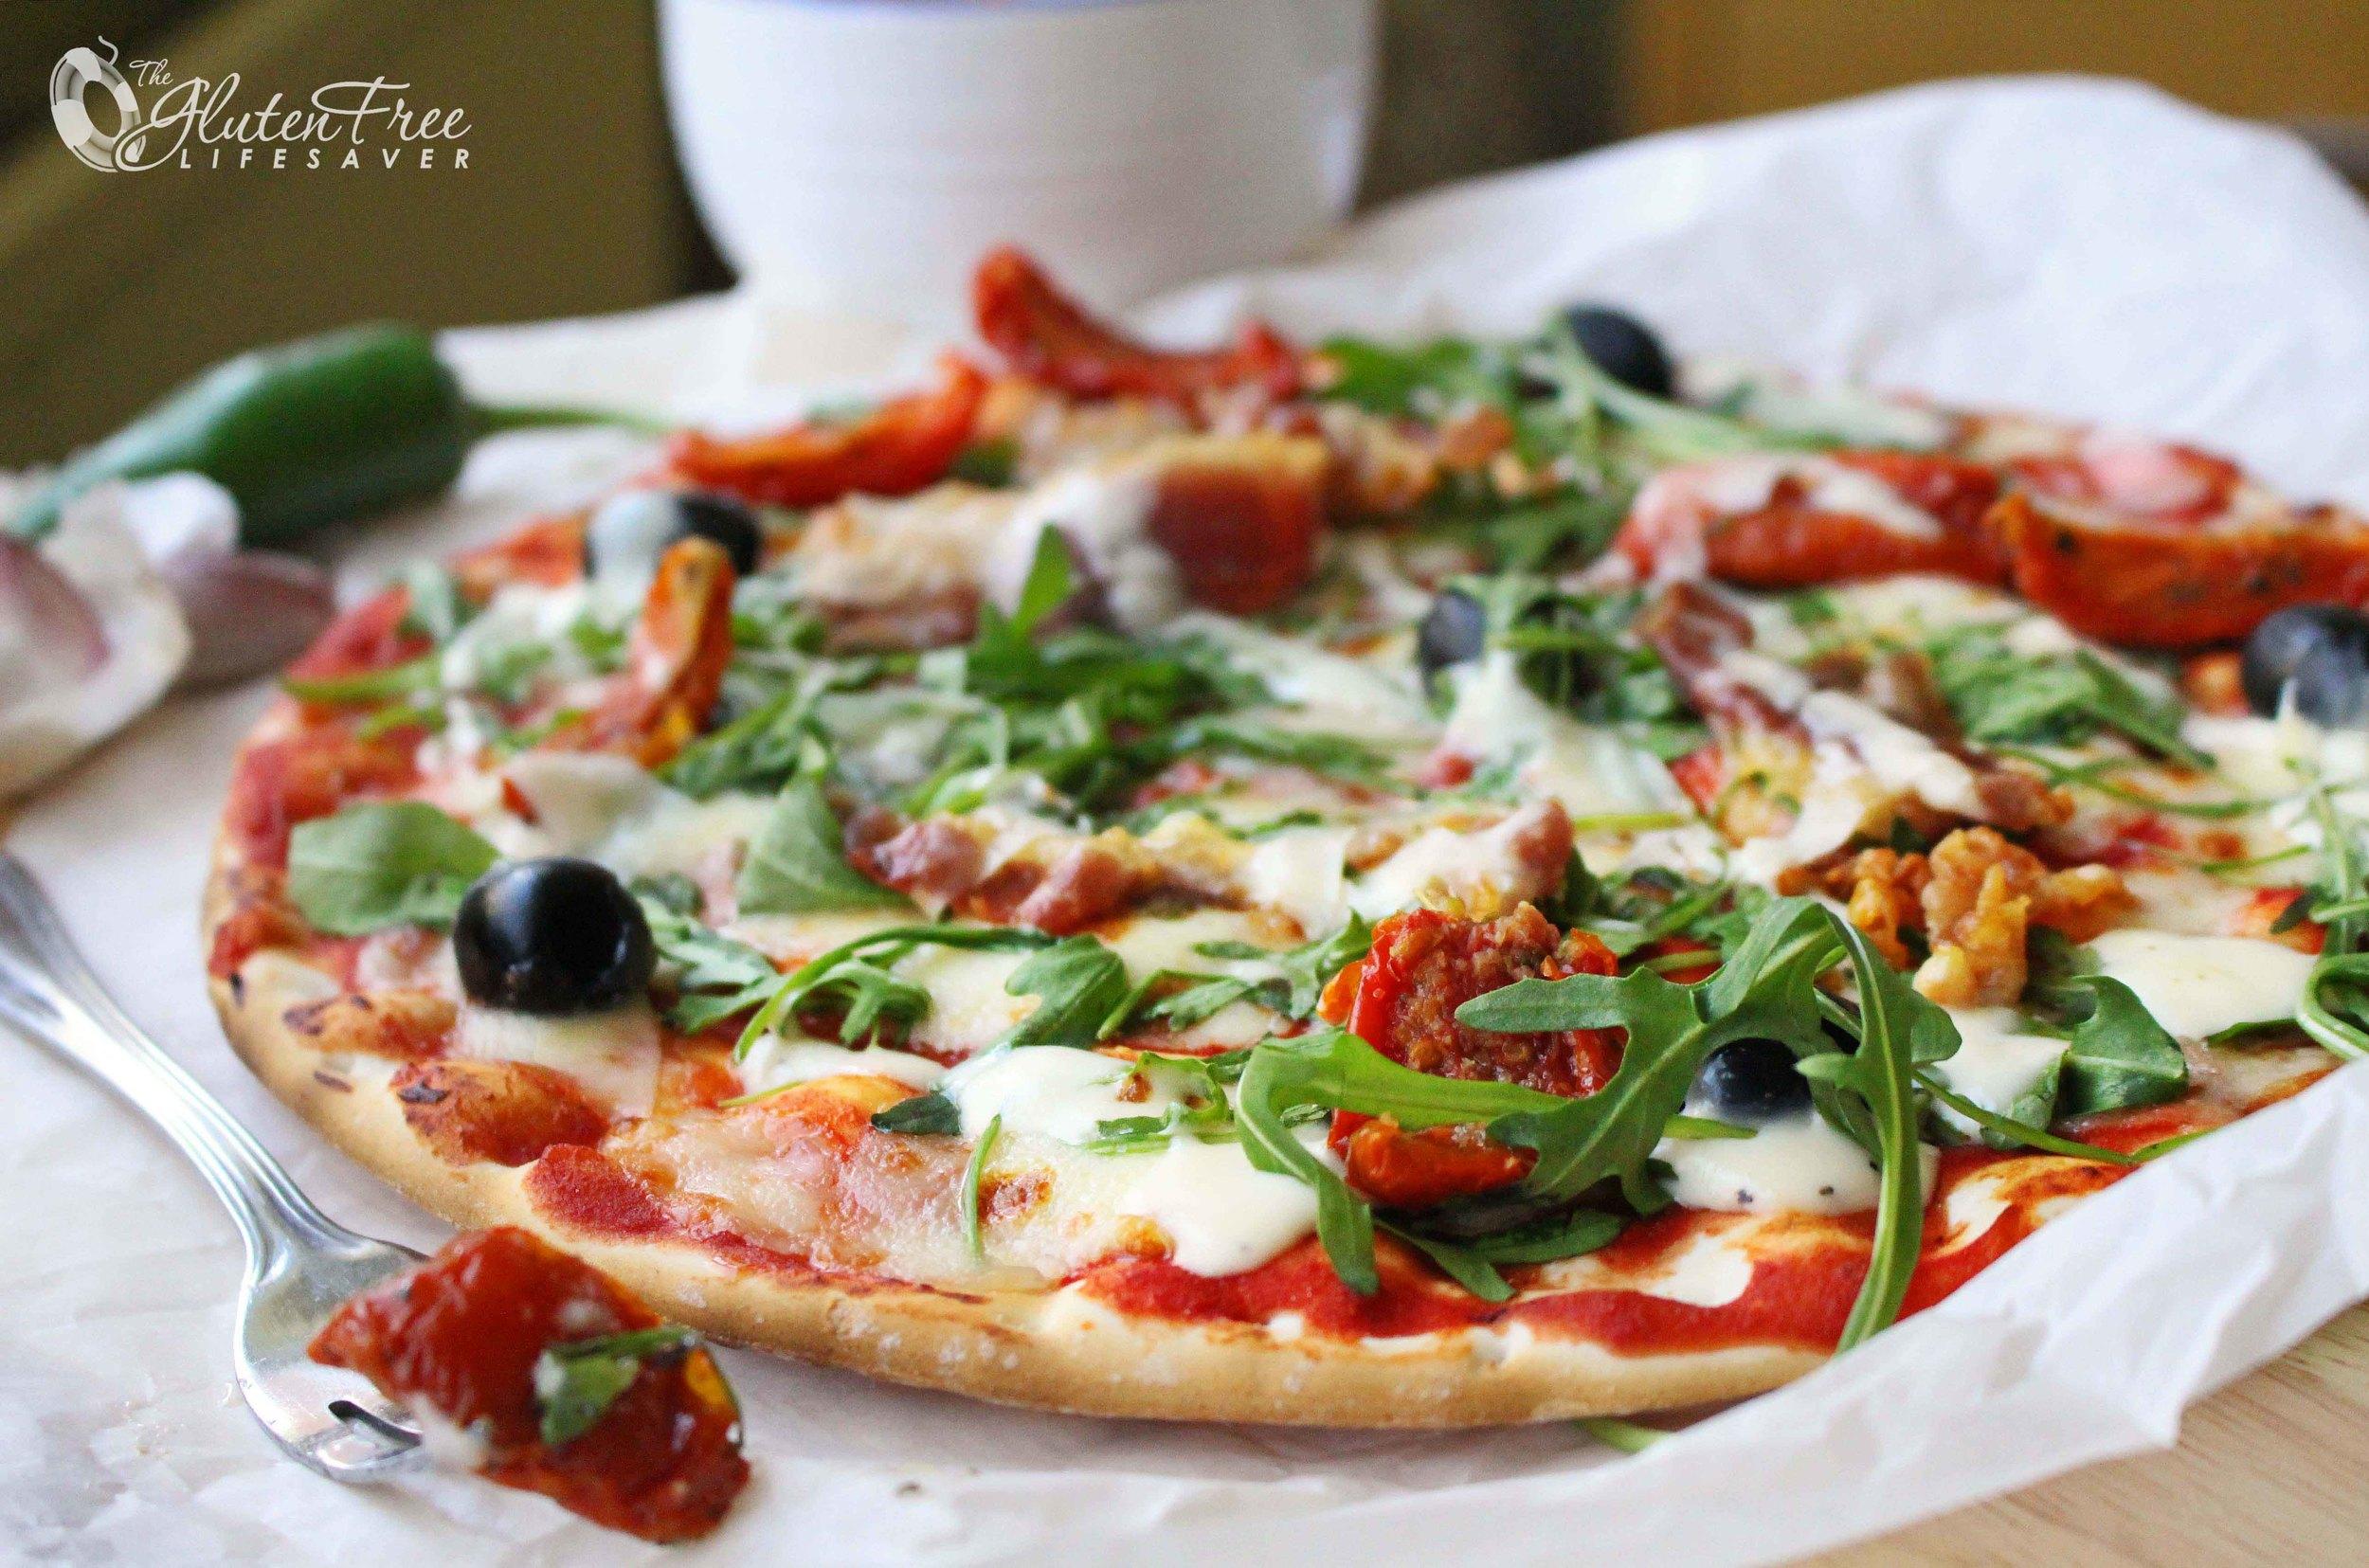 Super og enkel oppskrift på glutenfri pizzabunn